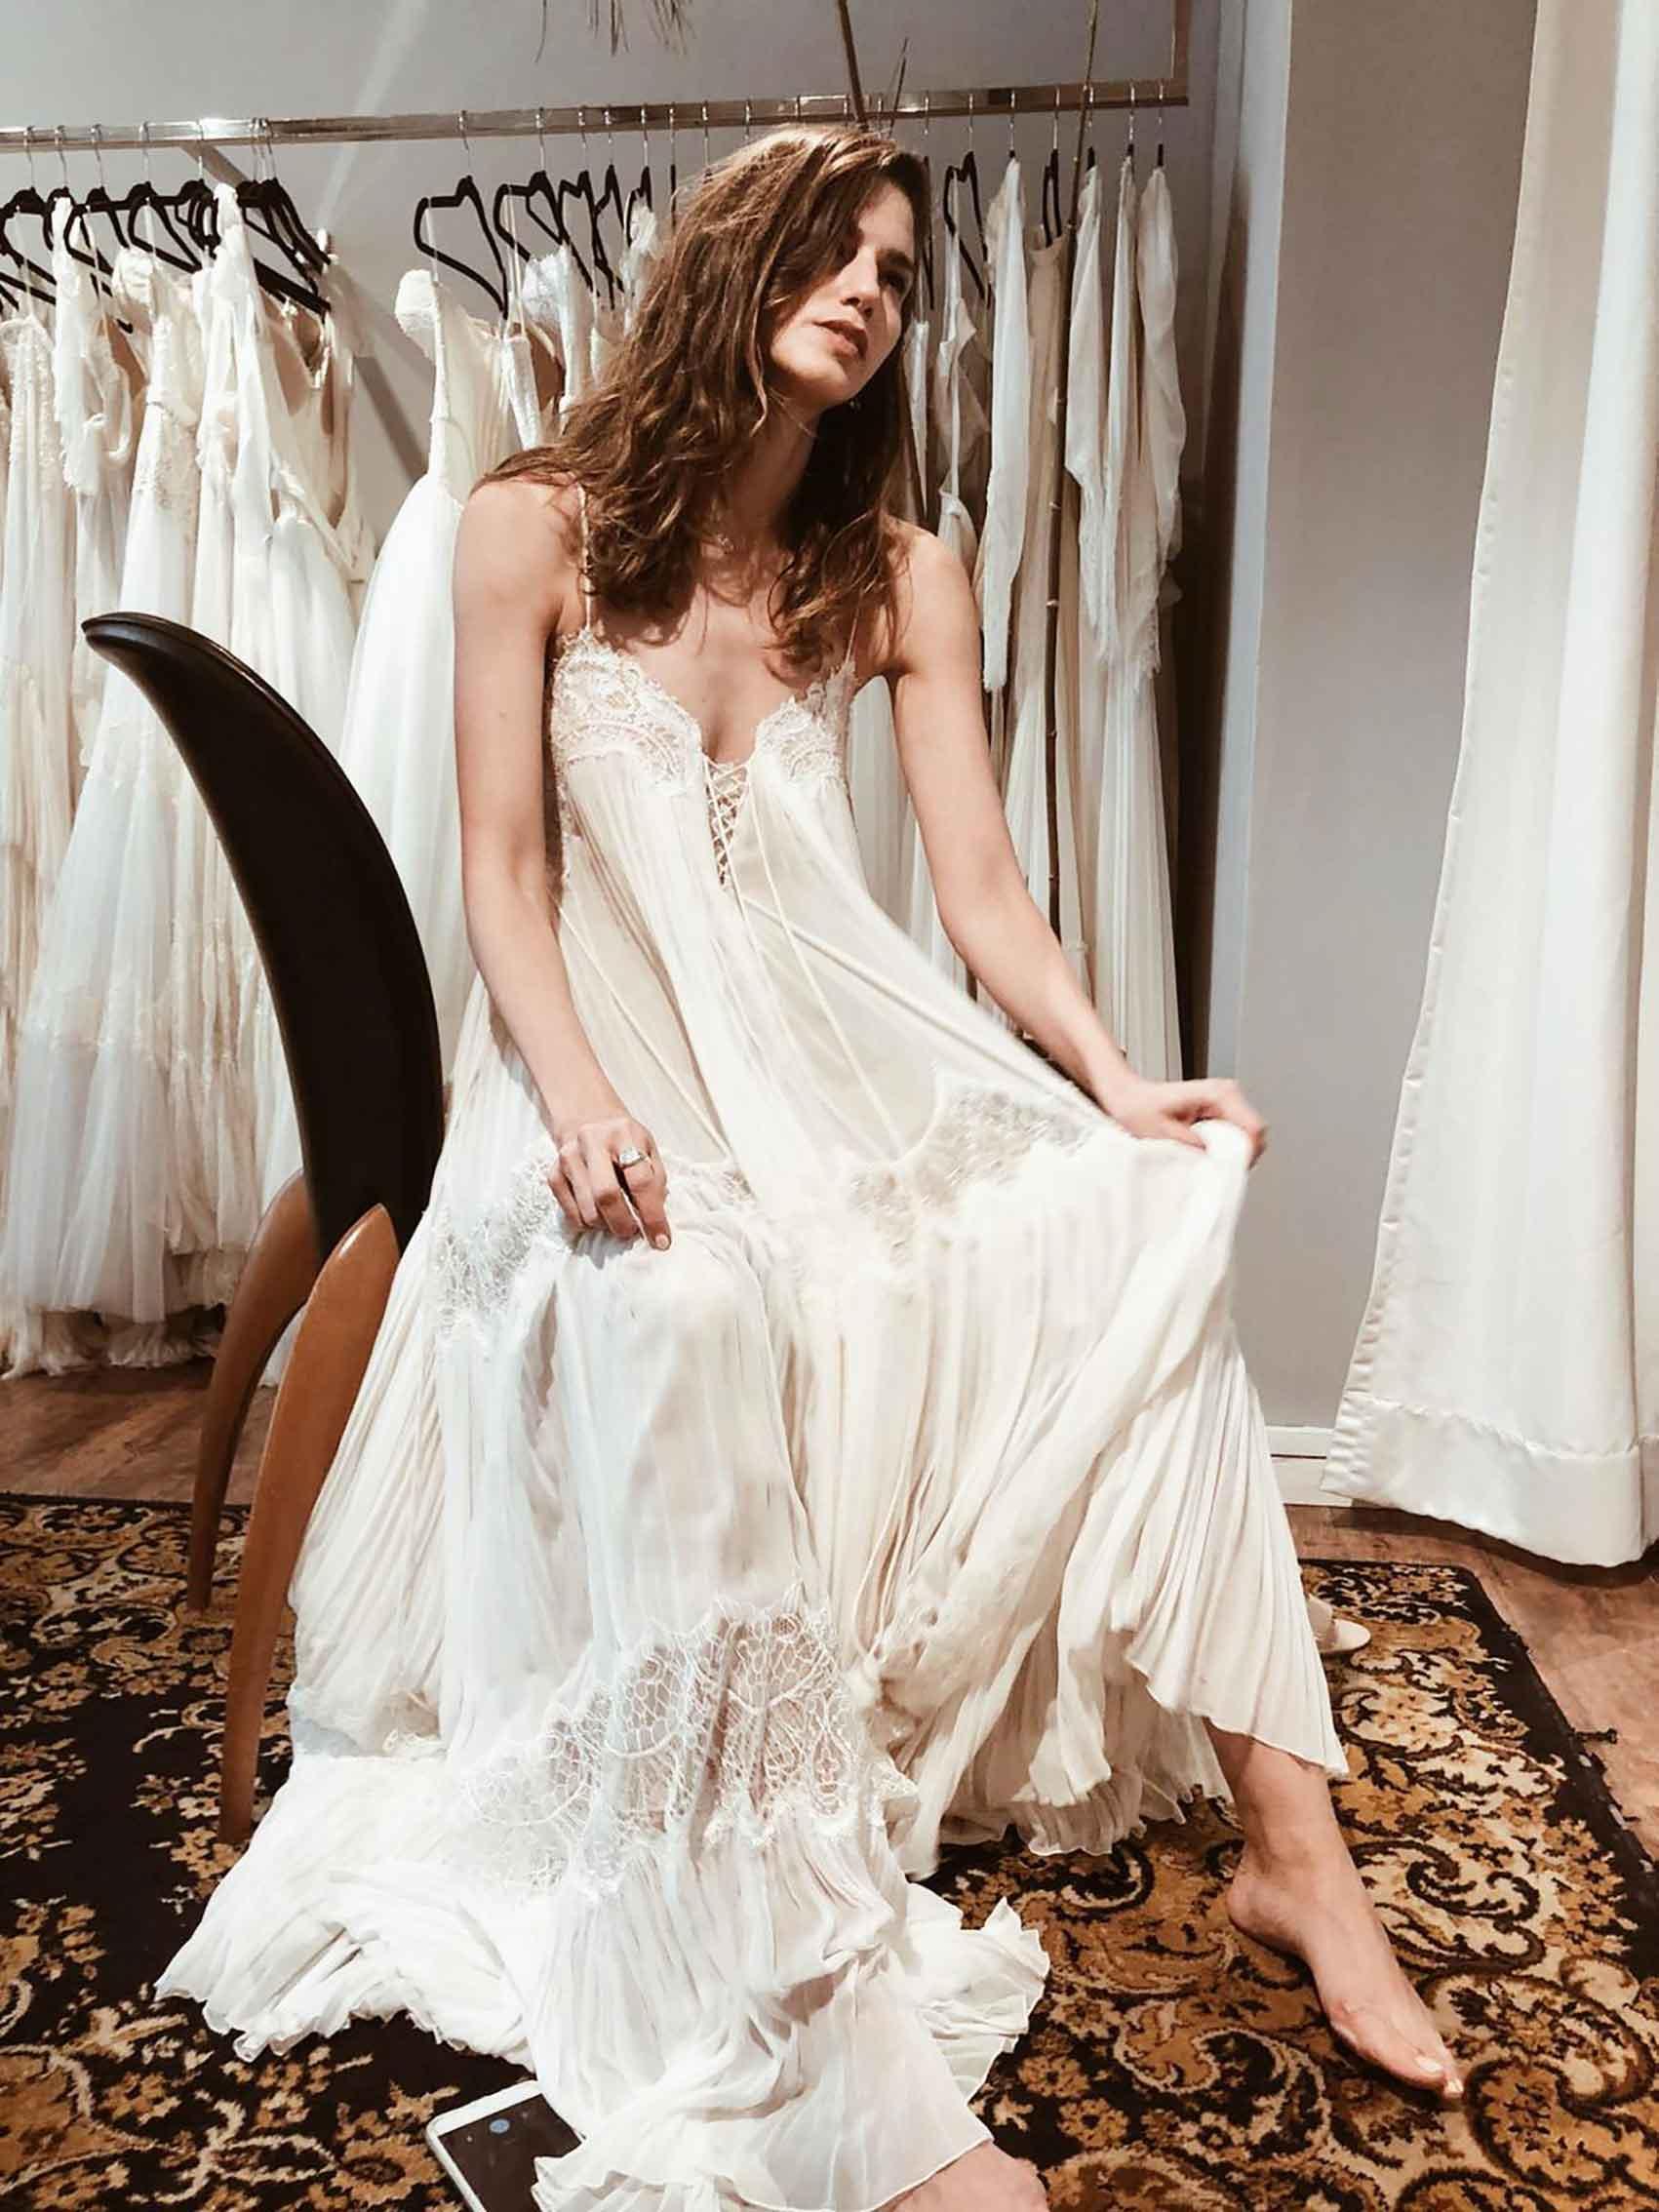 הדר-ברייר-חתונה-ממבט-ראשון-בשמלה-של-אריאל-טולדנו-מגזין-אופנה